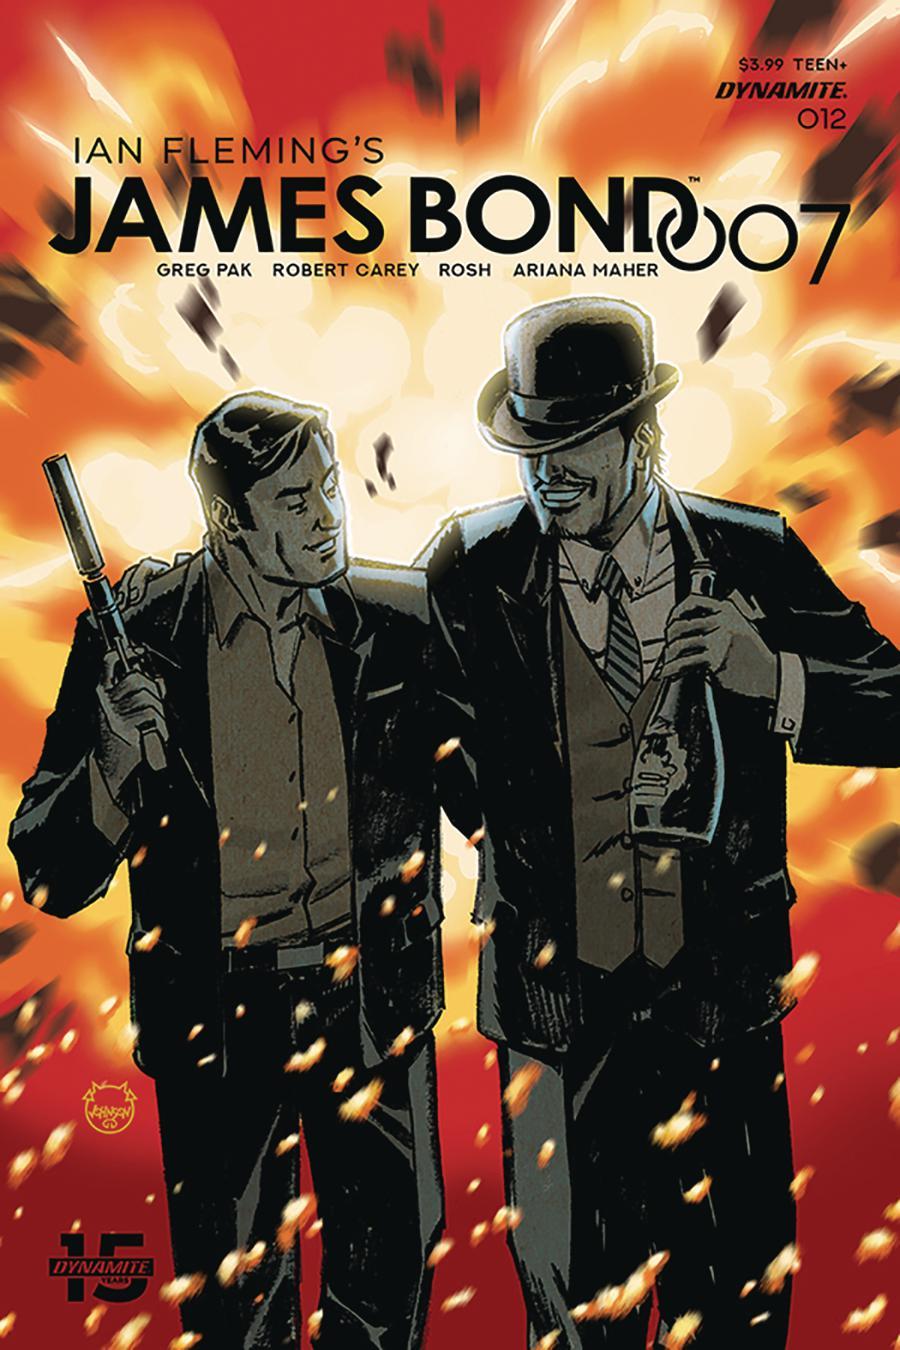 James Bond 007 #12 Cover A Regular Dave Johnson Cover